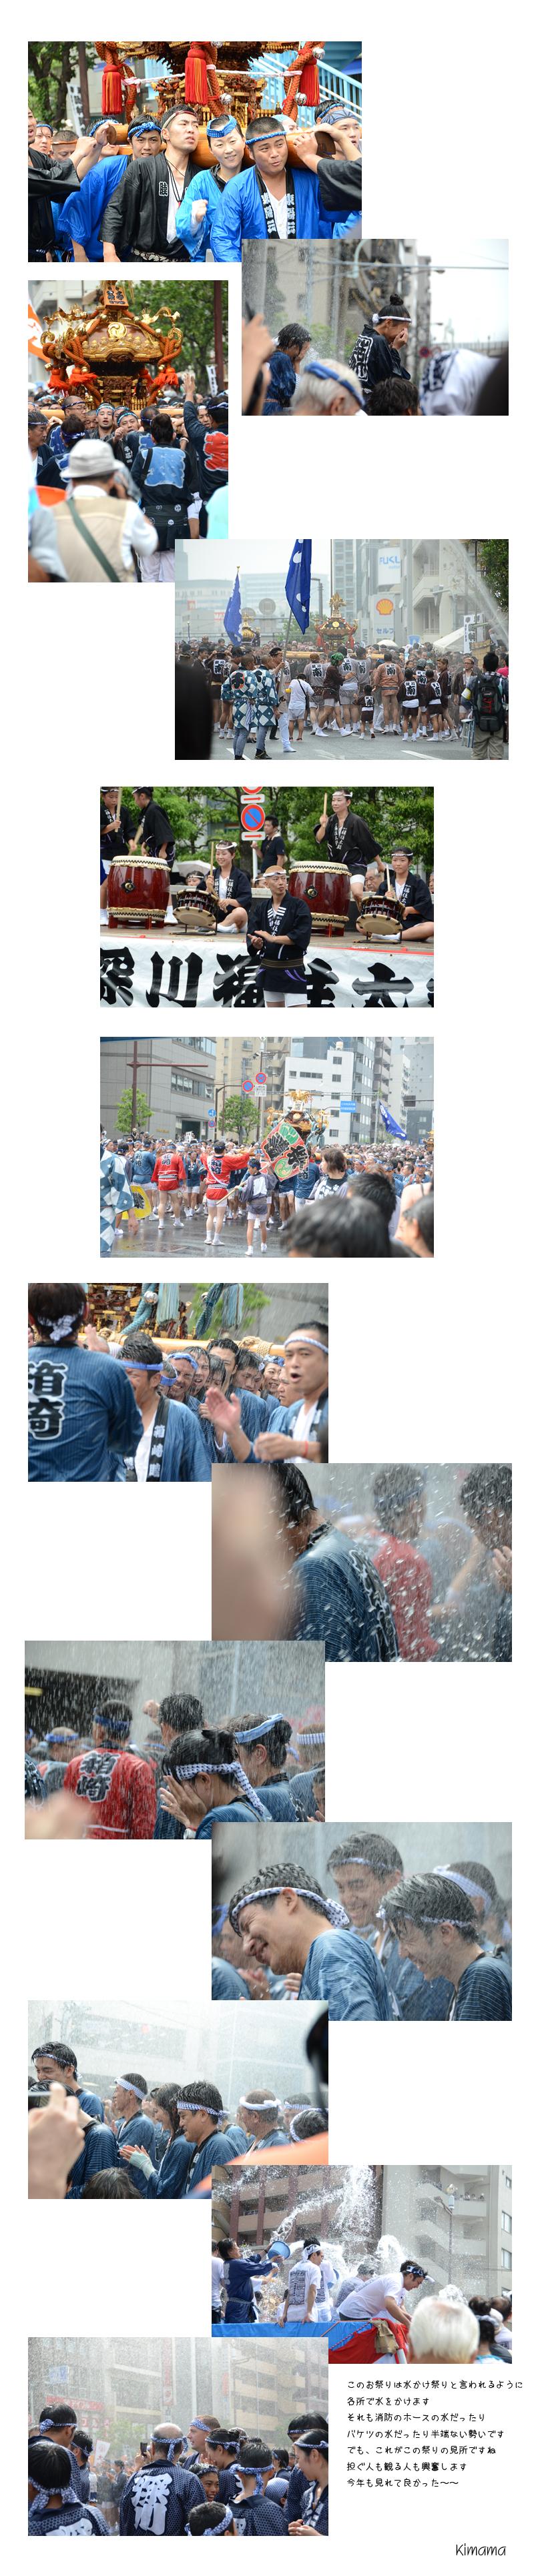 8月23日深川祭り2